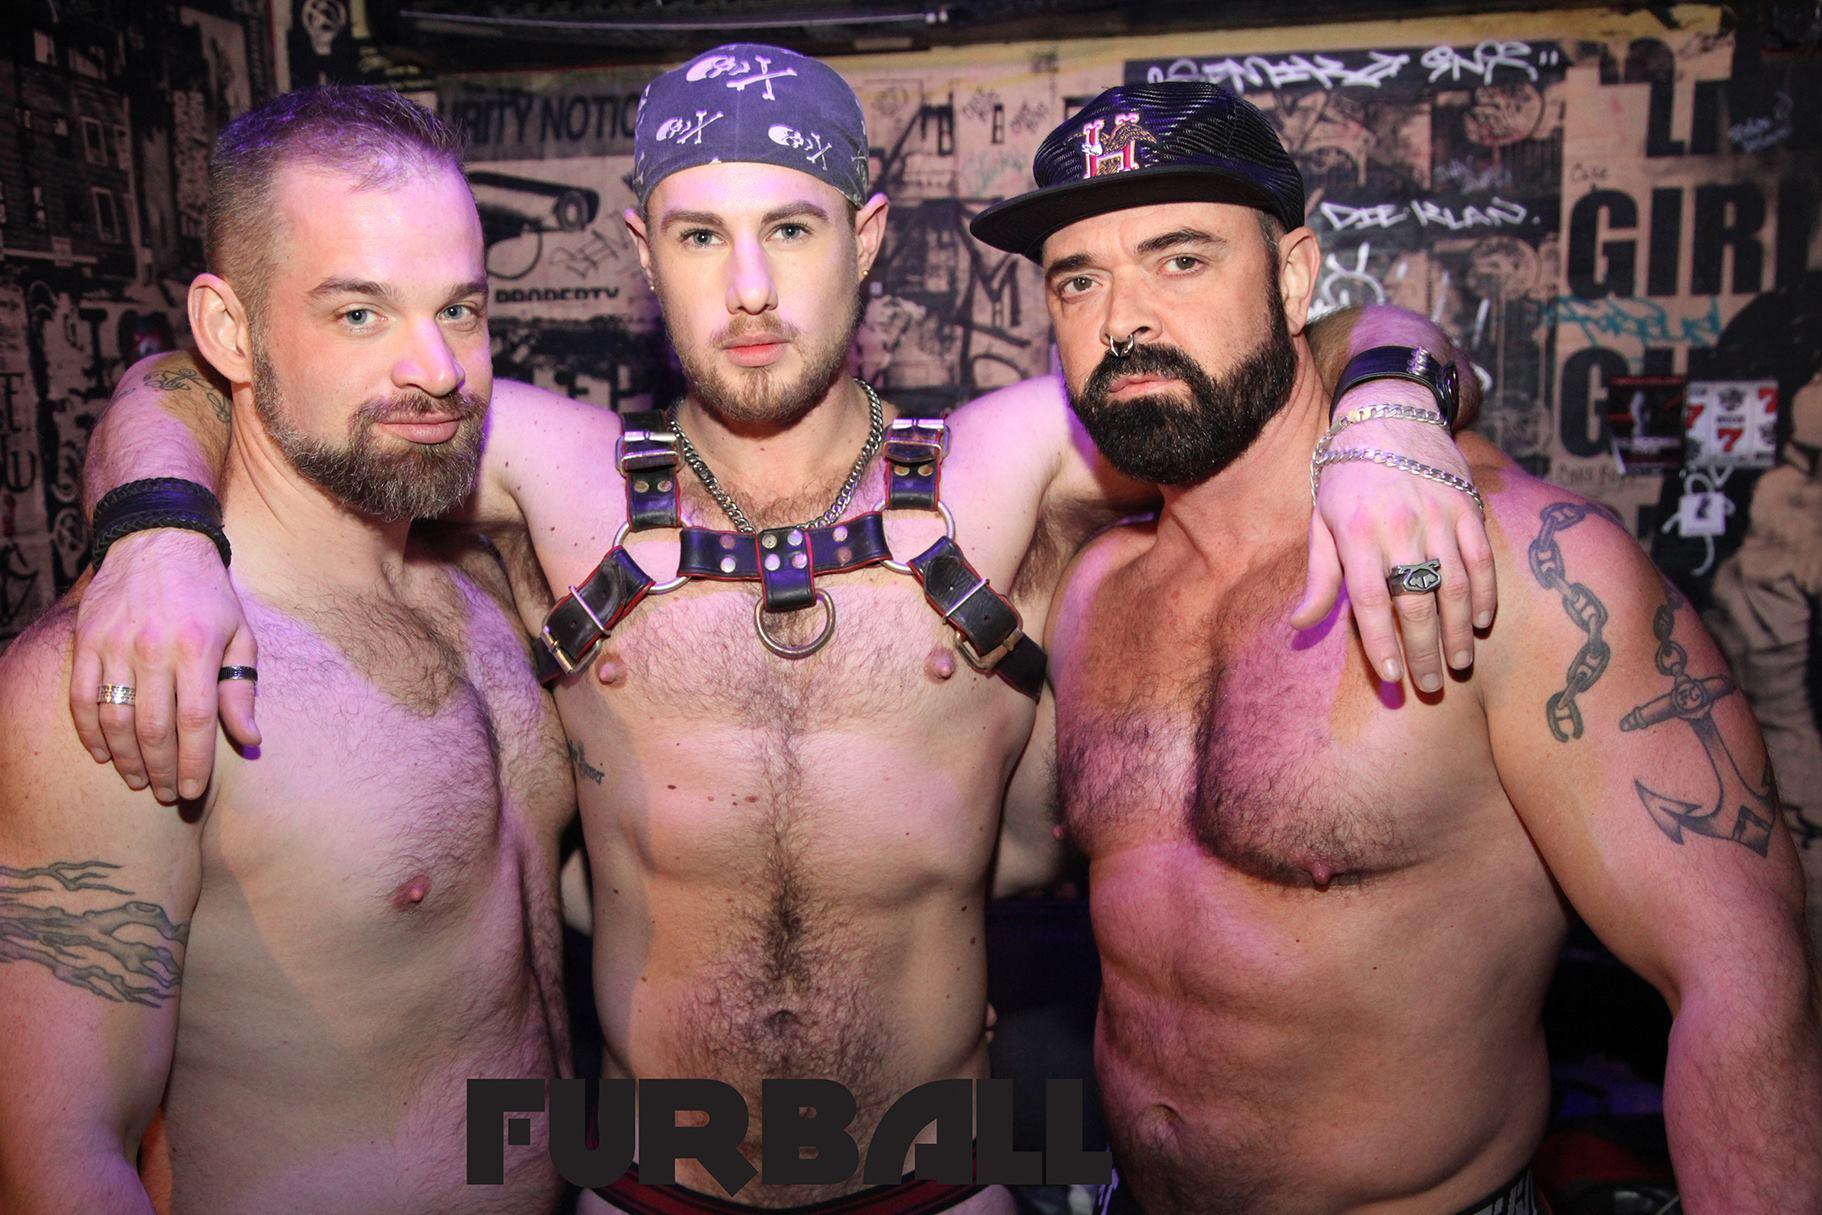 Furball NYC